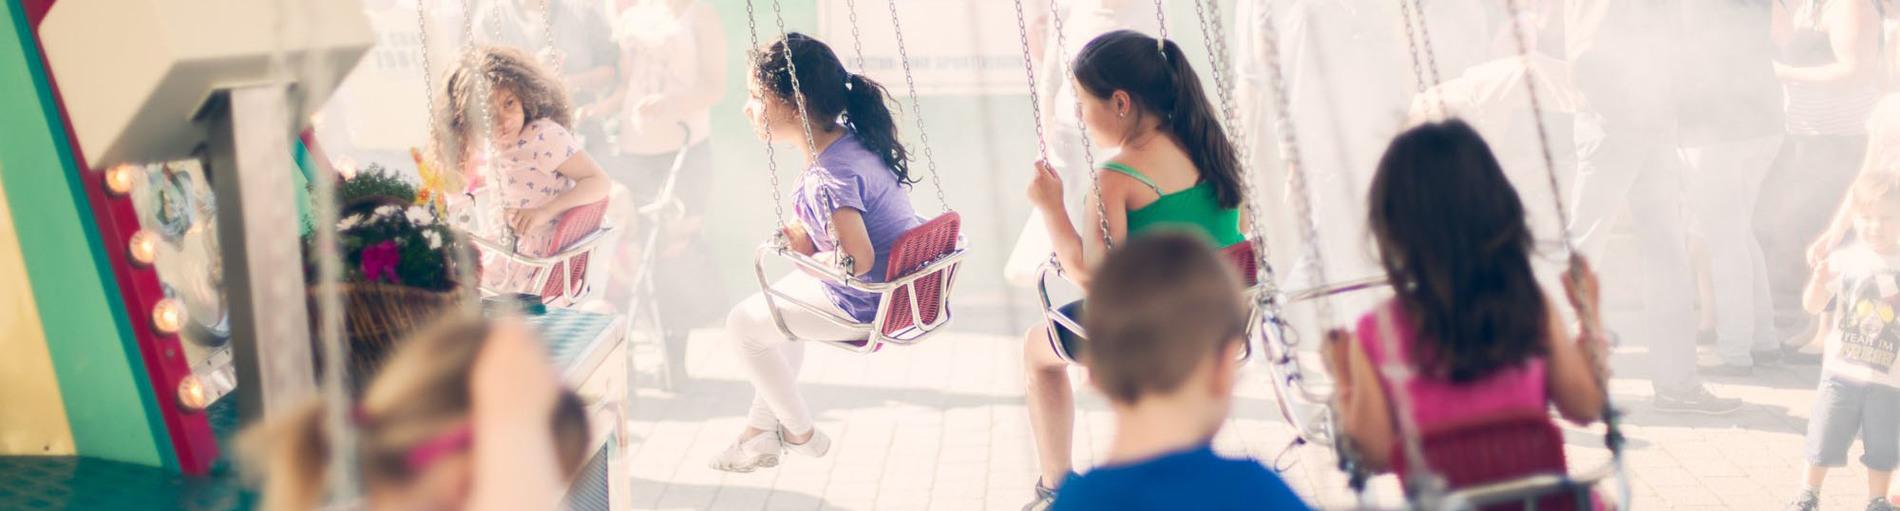 Viele Kinder auf einem Kettenkarussell.